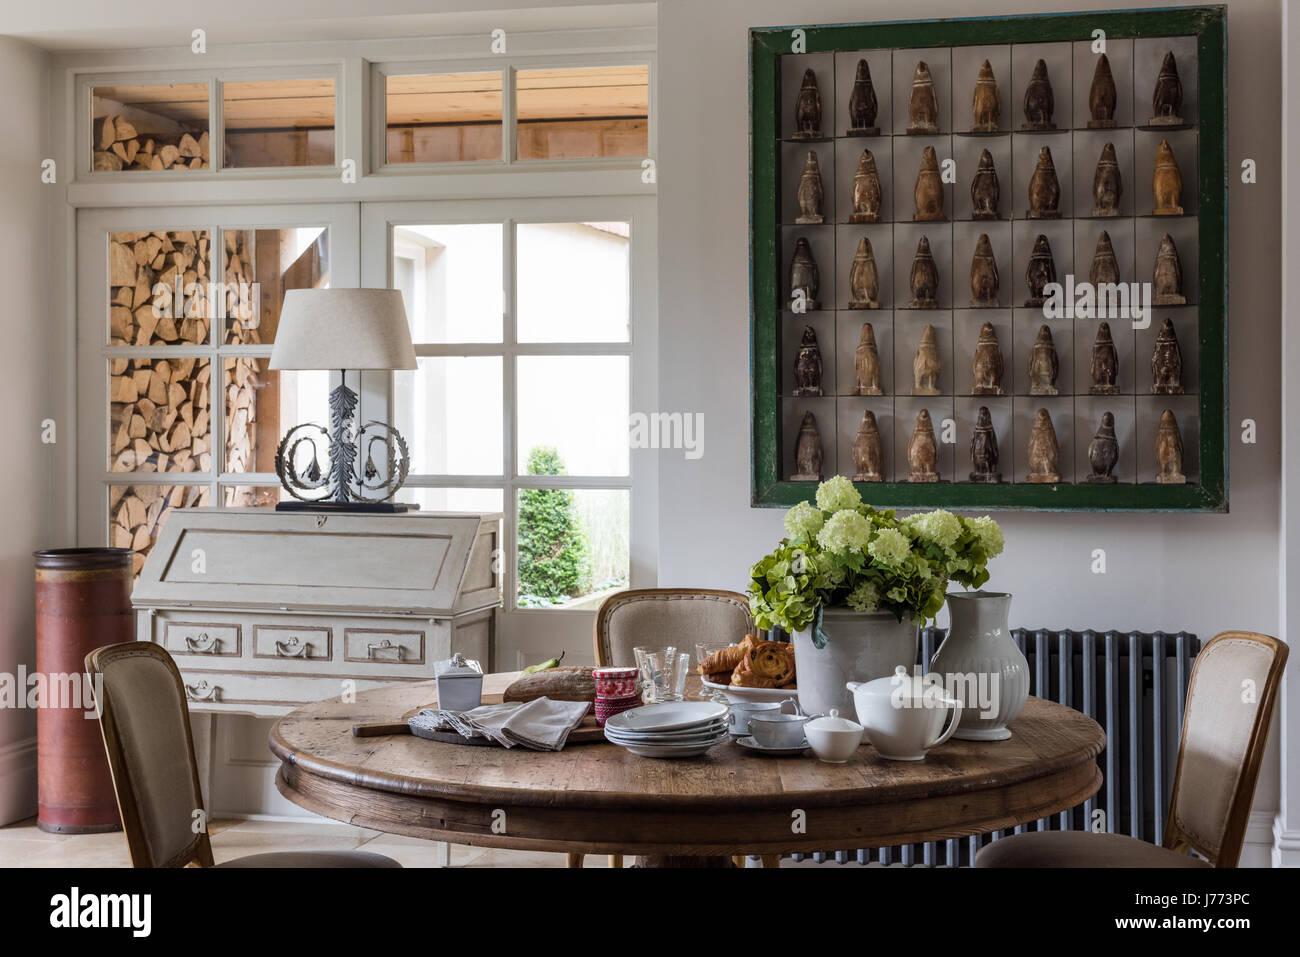 Penguin firgurines aparece en un audaz marco verde en la pared de la cocina. La Mesa, la lámpara y la mesa Imagen De Stock